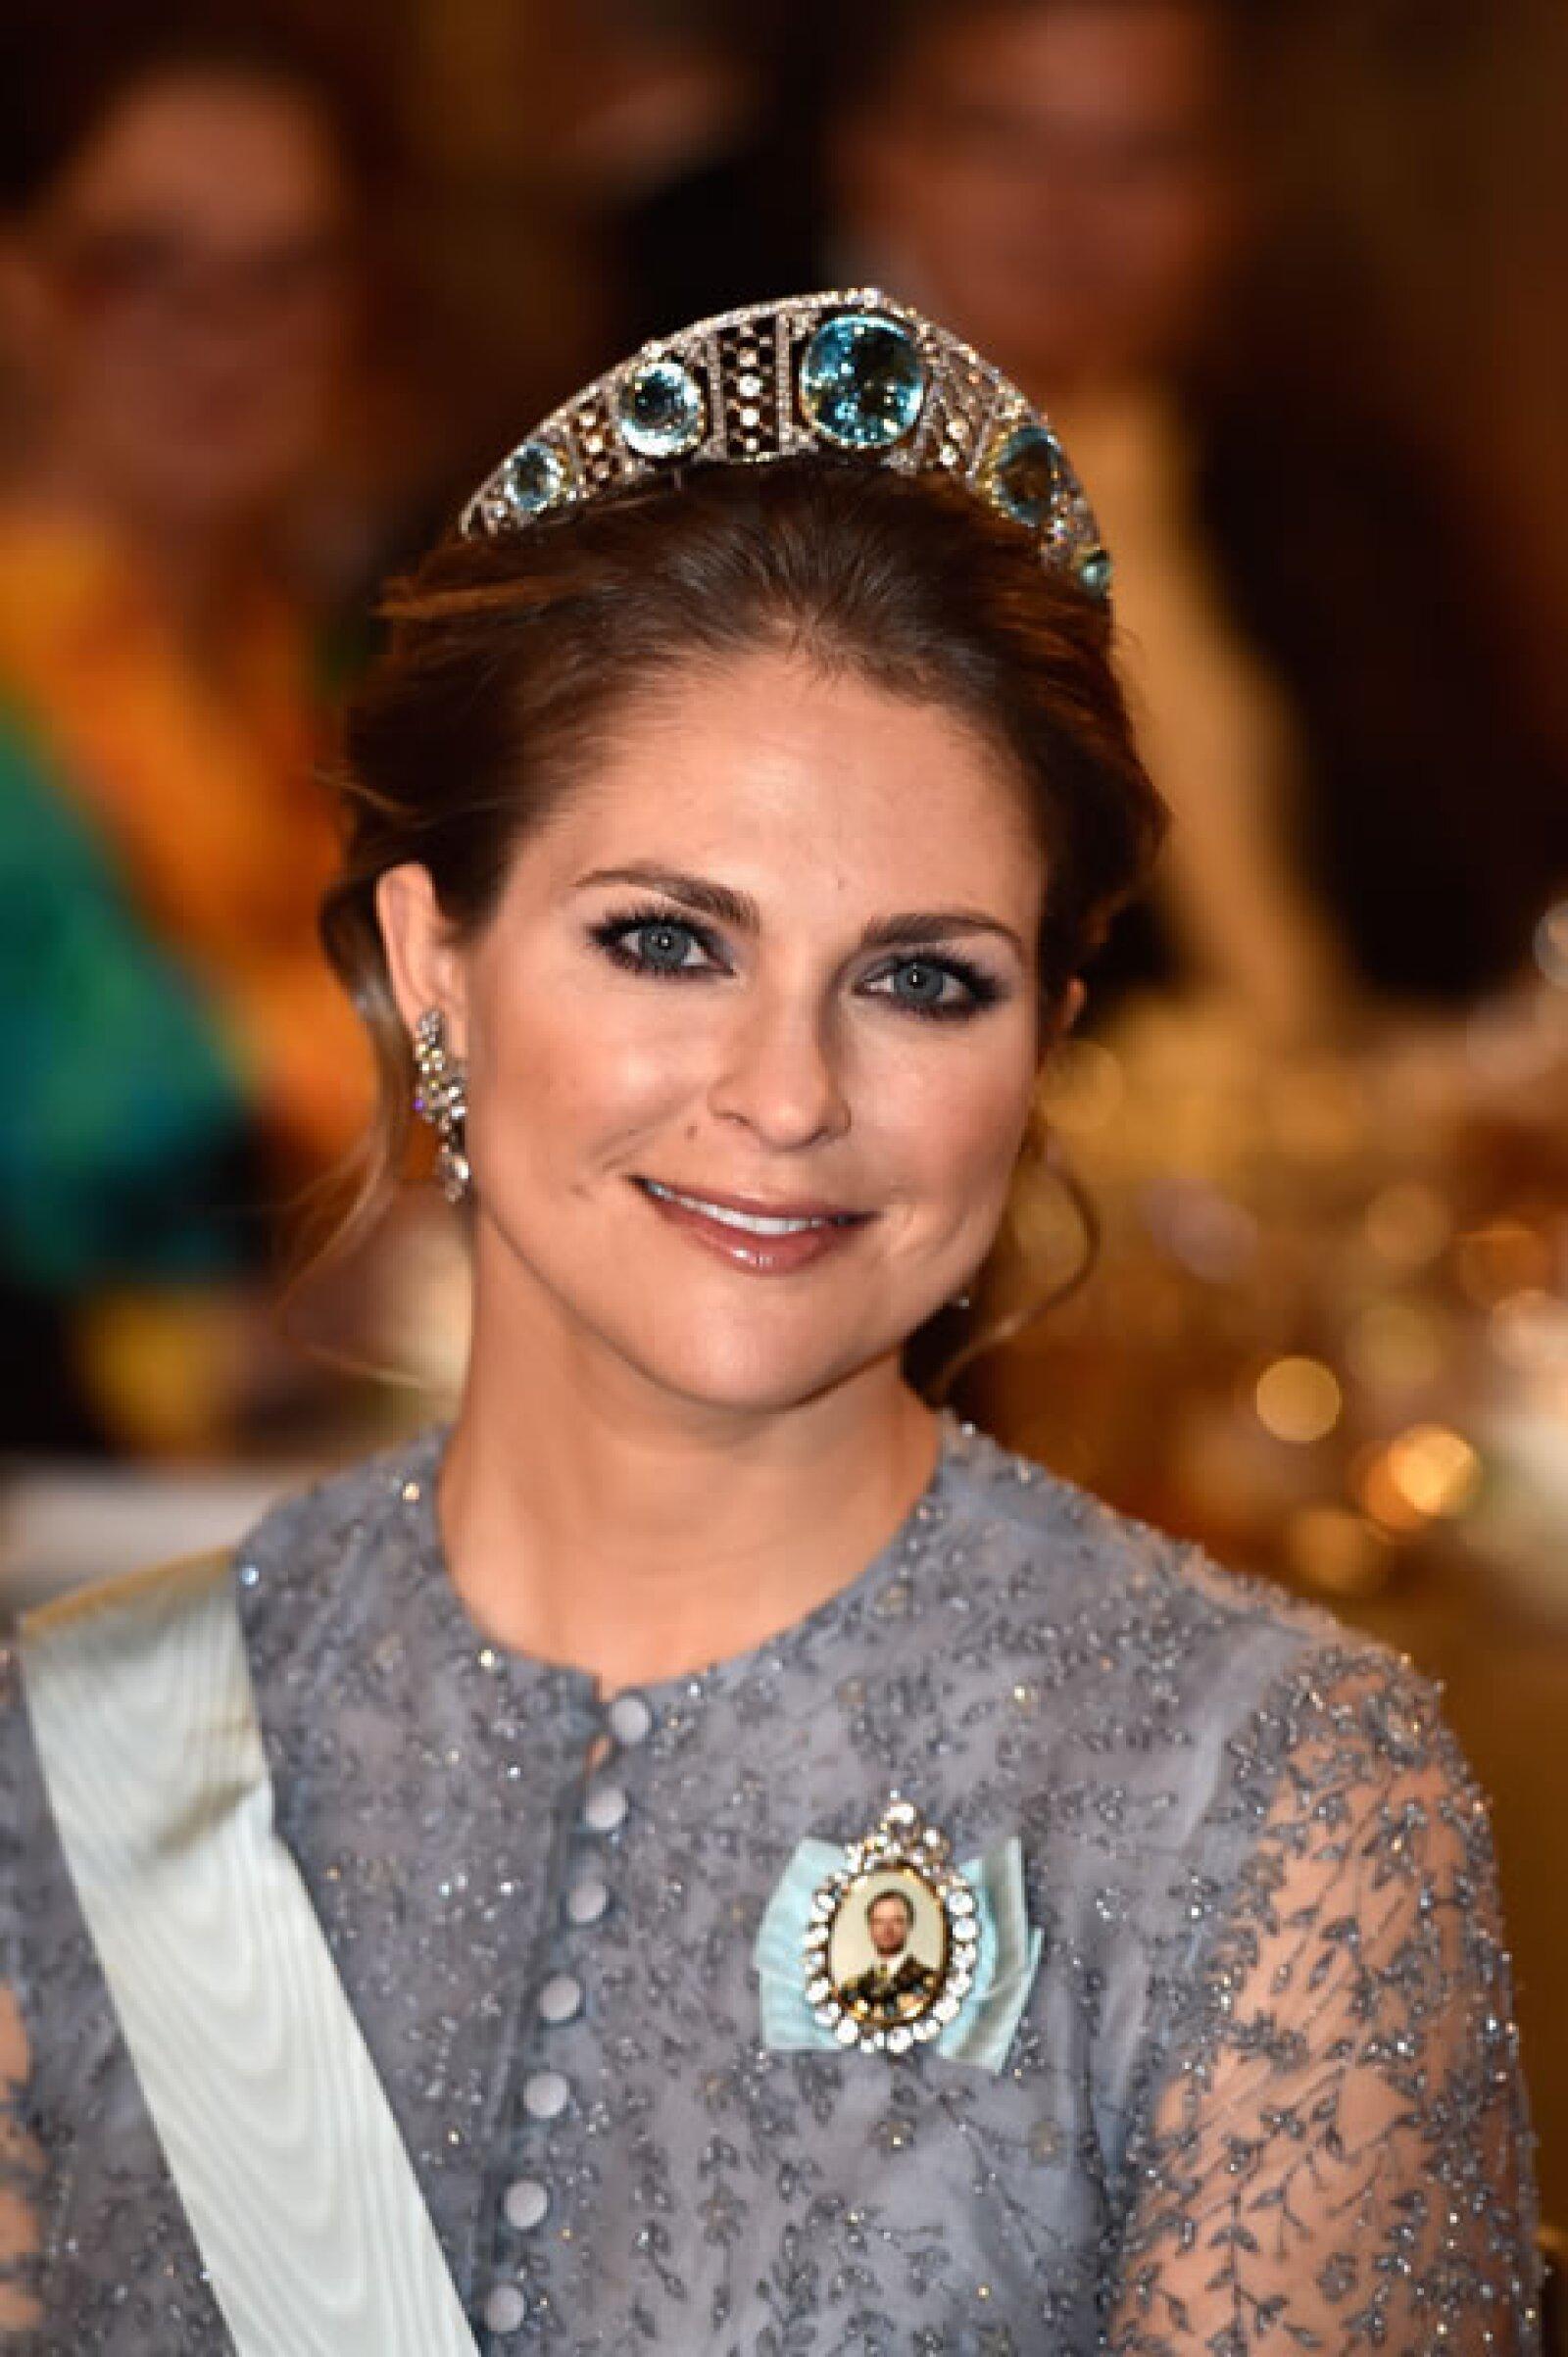 Ella es Madeleine de Suecia, hija del rey Carlos XVI Gustavo y la reina Silvia de Suecia.